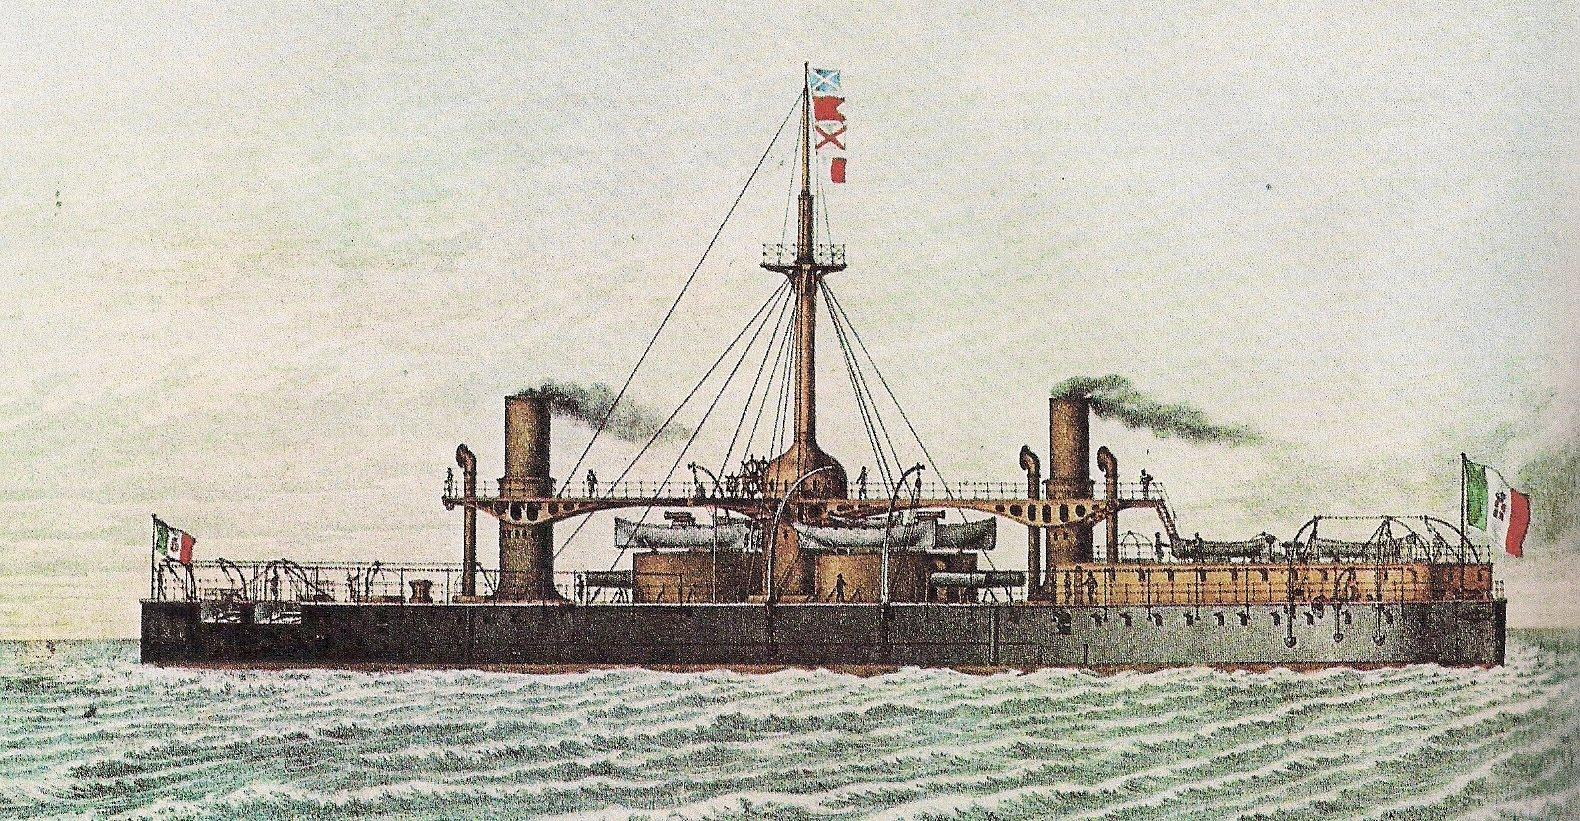 """Storia navale: Il Caio Duilio (1876) """"... la più potente nave da guerra che l'arte navale abbia mai espresso..."""" di Emiliano Beri"""